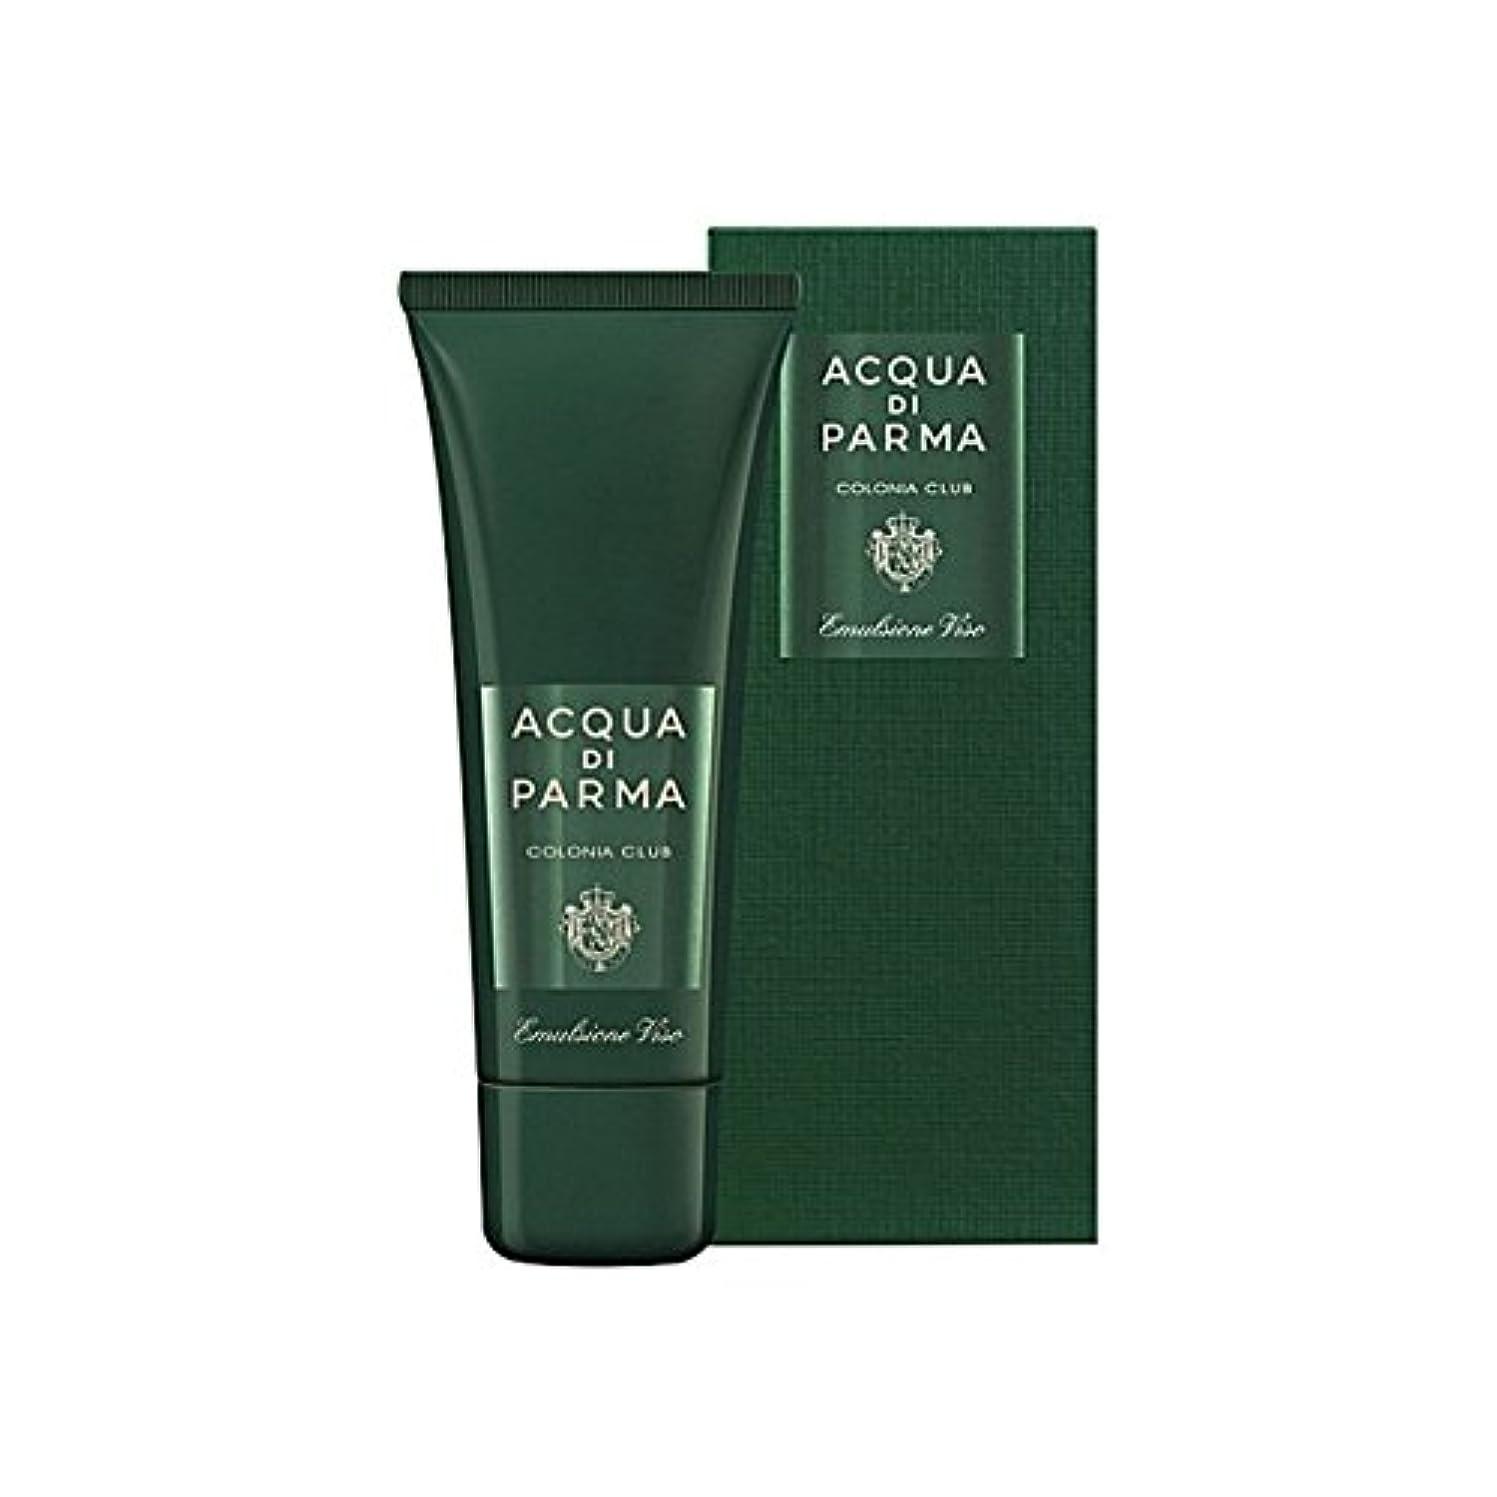 のスコア電気的是正するアクアディパルマコロニアクラブフェースエマルジョン75ミリリットル x2 - Acqua Di Parma Colonia Club Face Emulsion 75ml (Pack of 2) [並行輸入品]